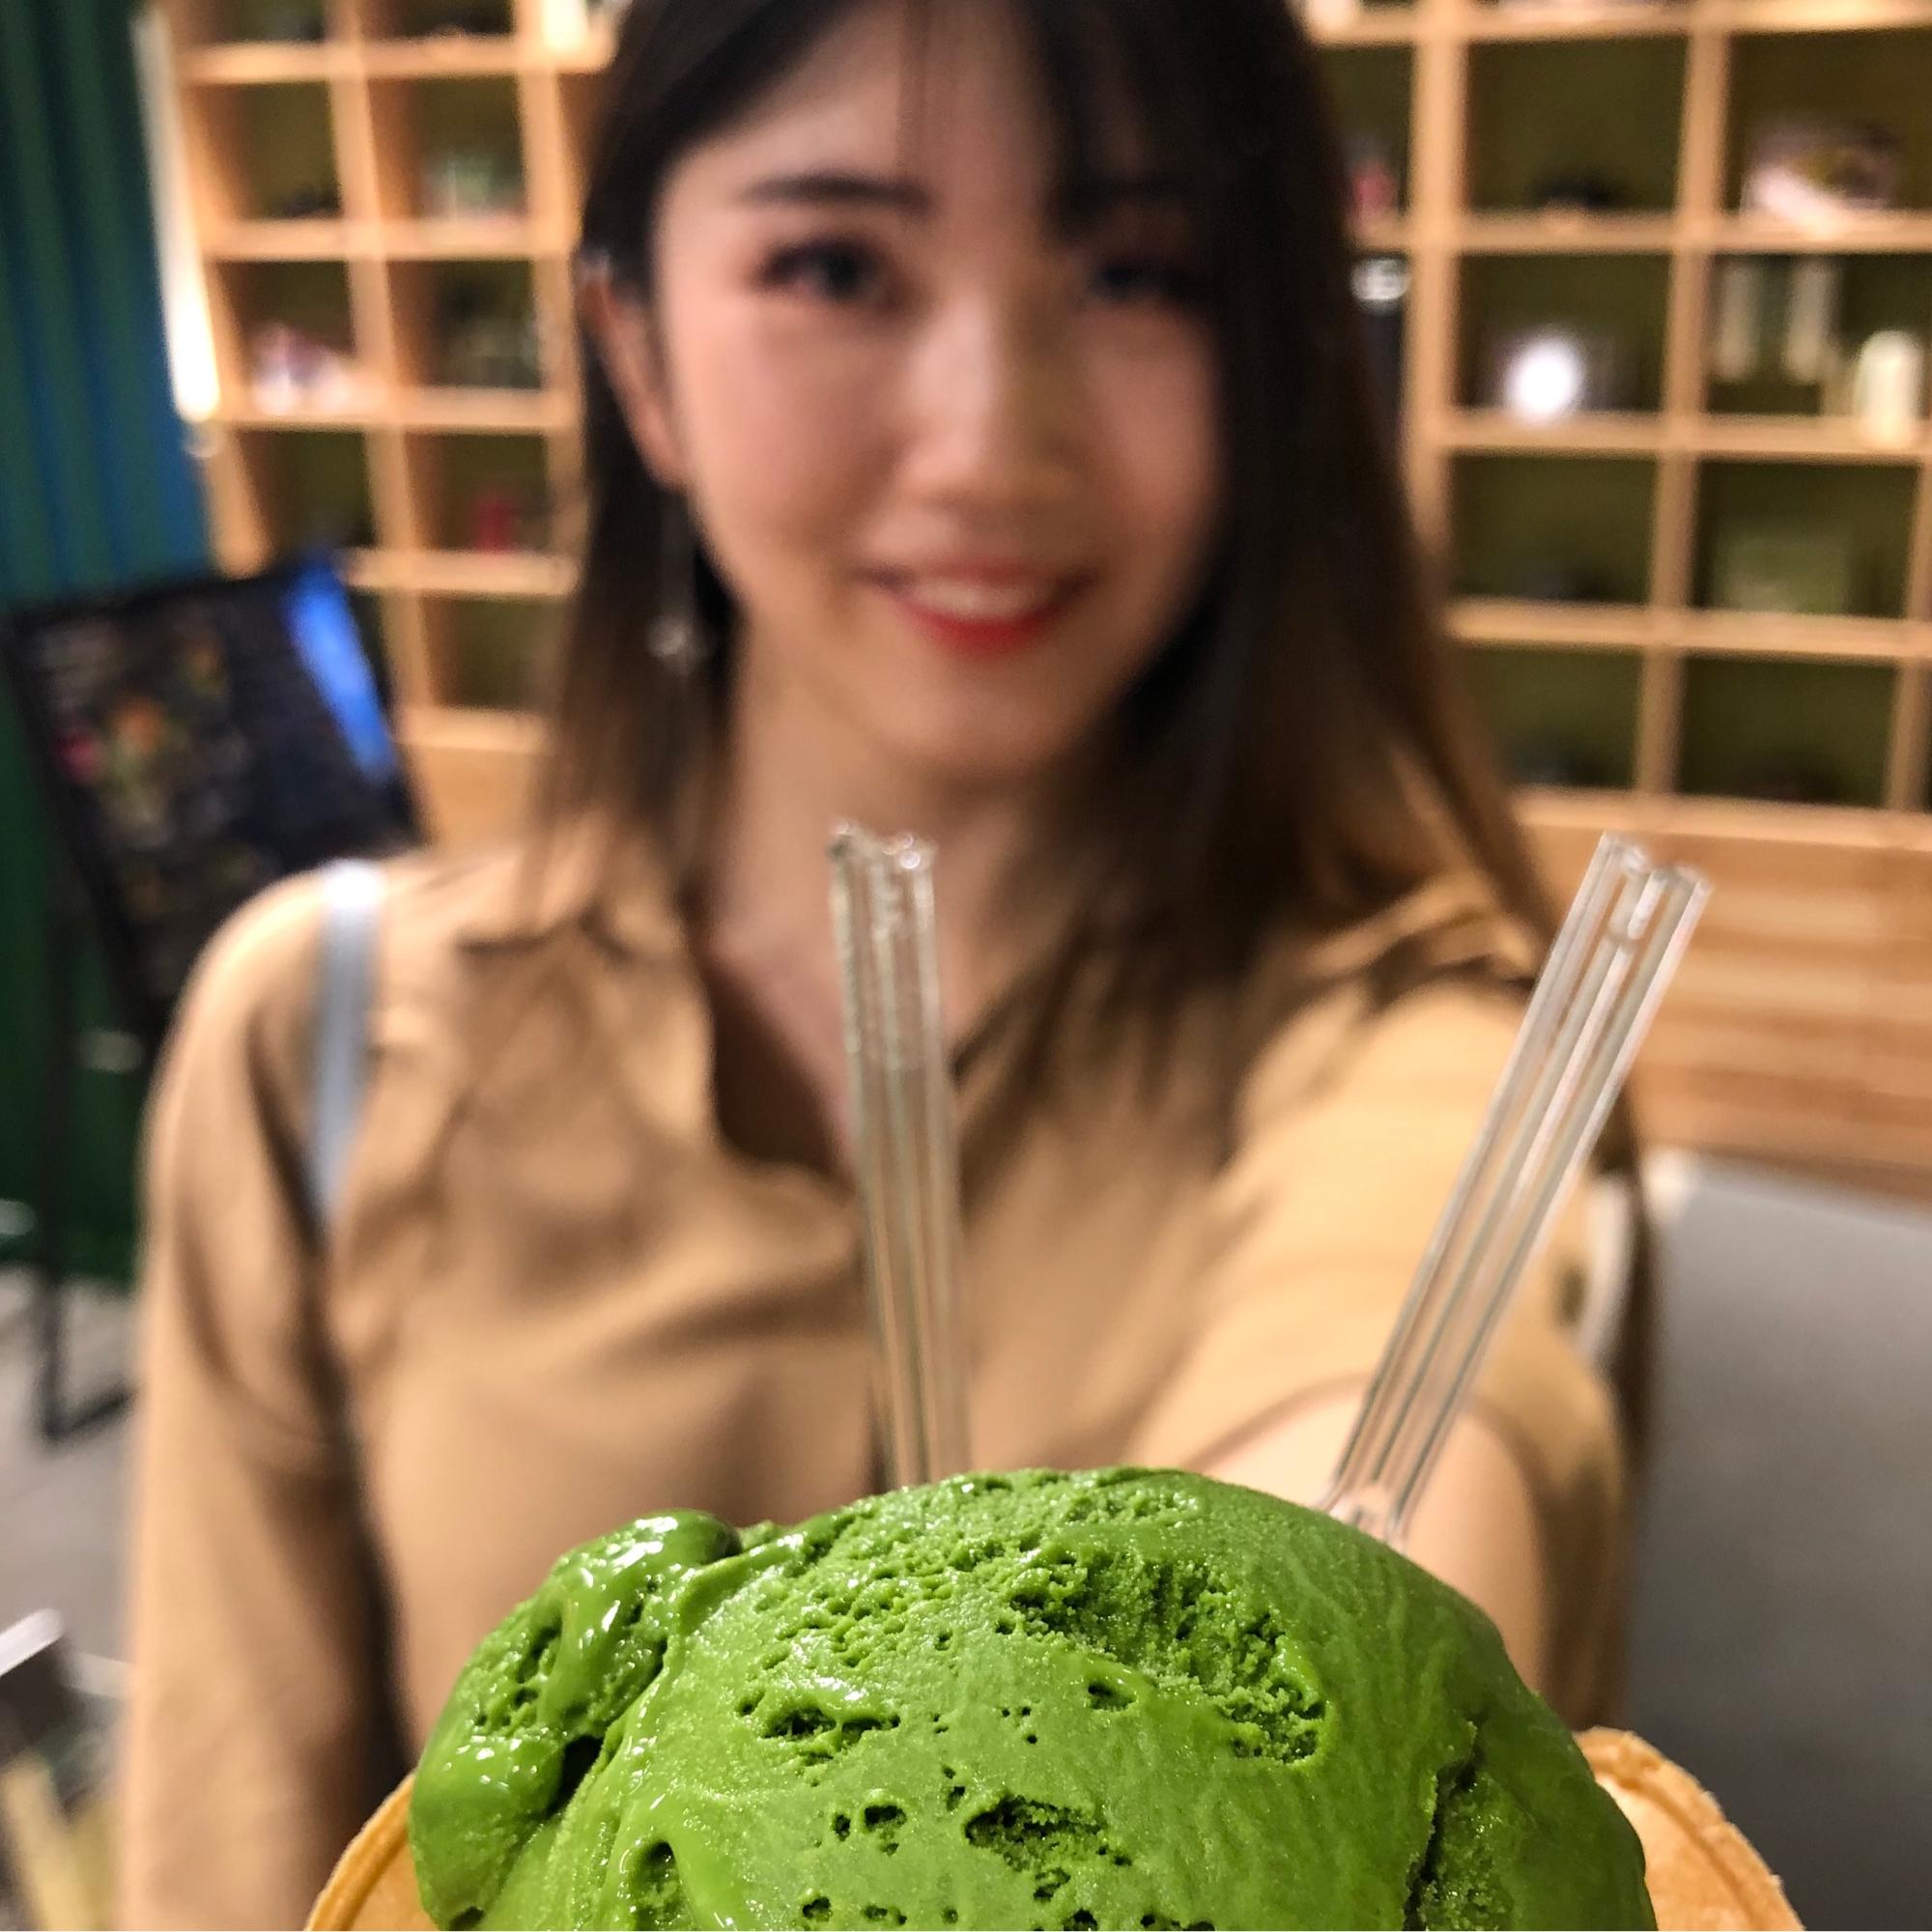 Image of Irene Li